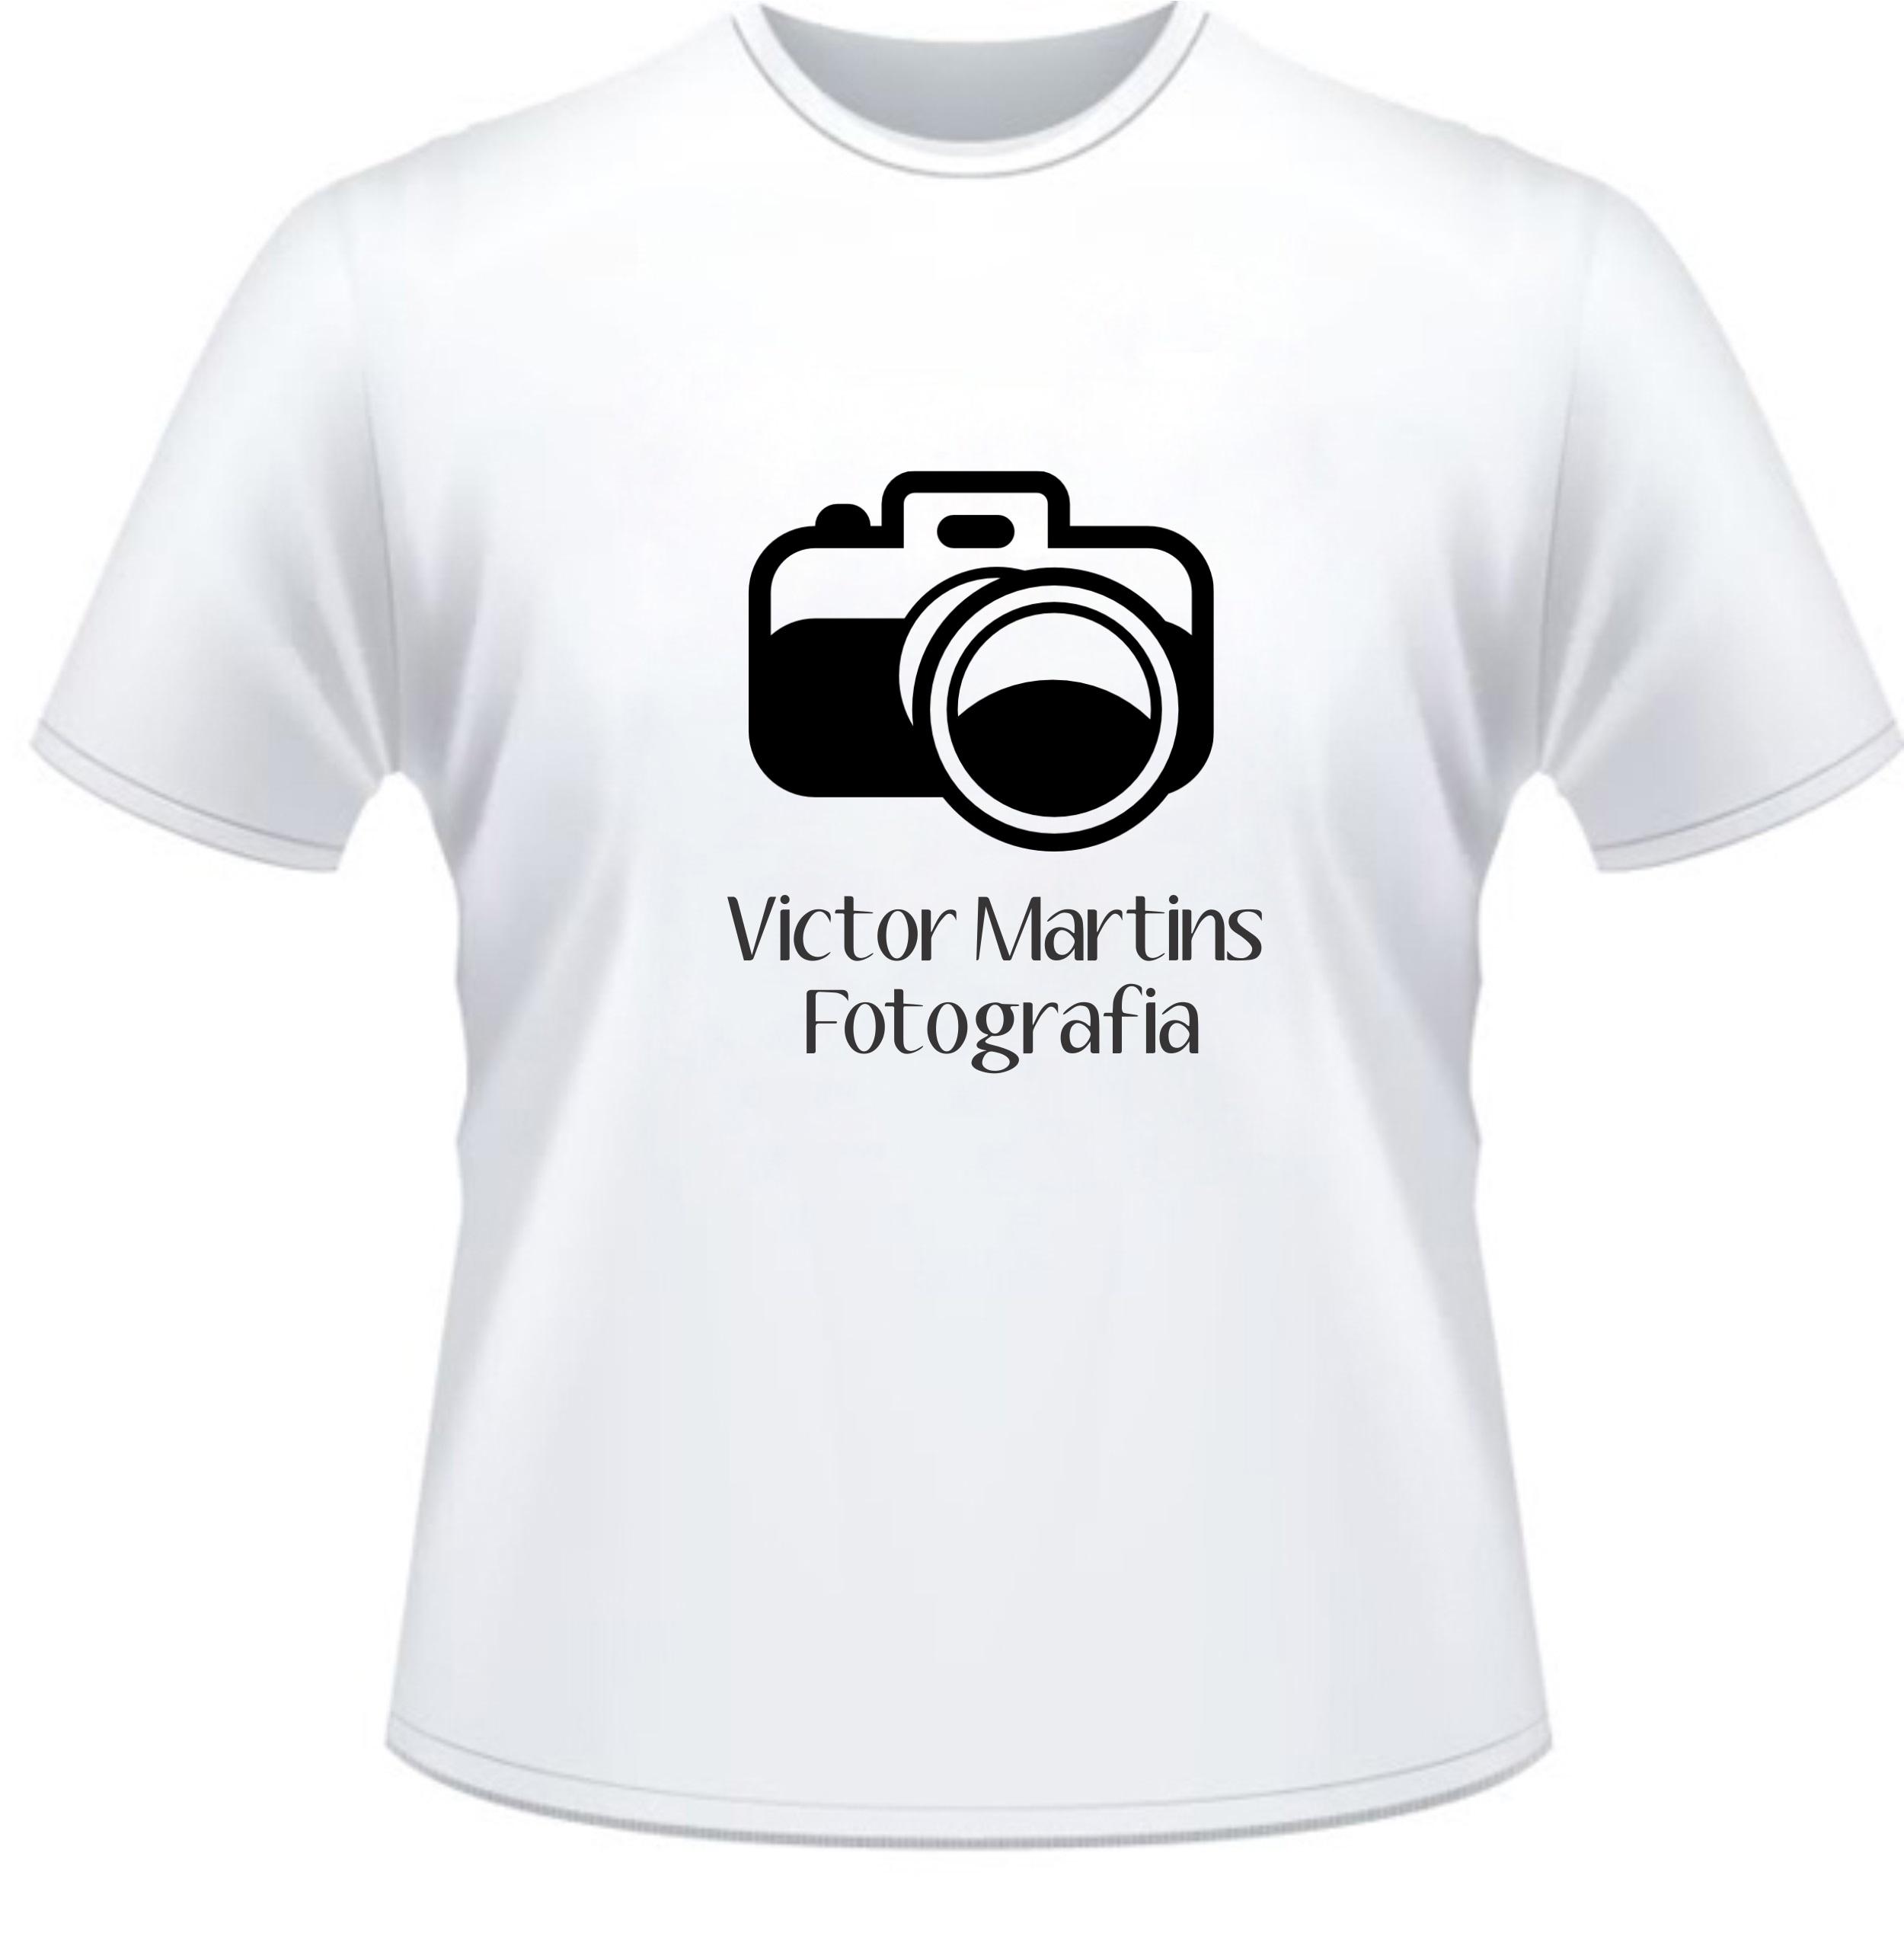 0e298464de Camiseta Personalizada Fotógrafo no Elo7